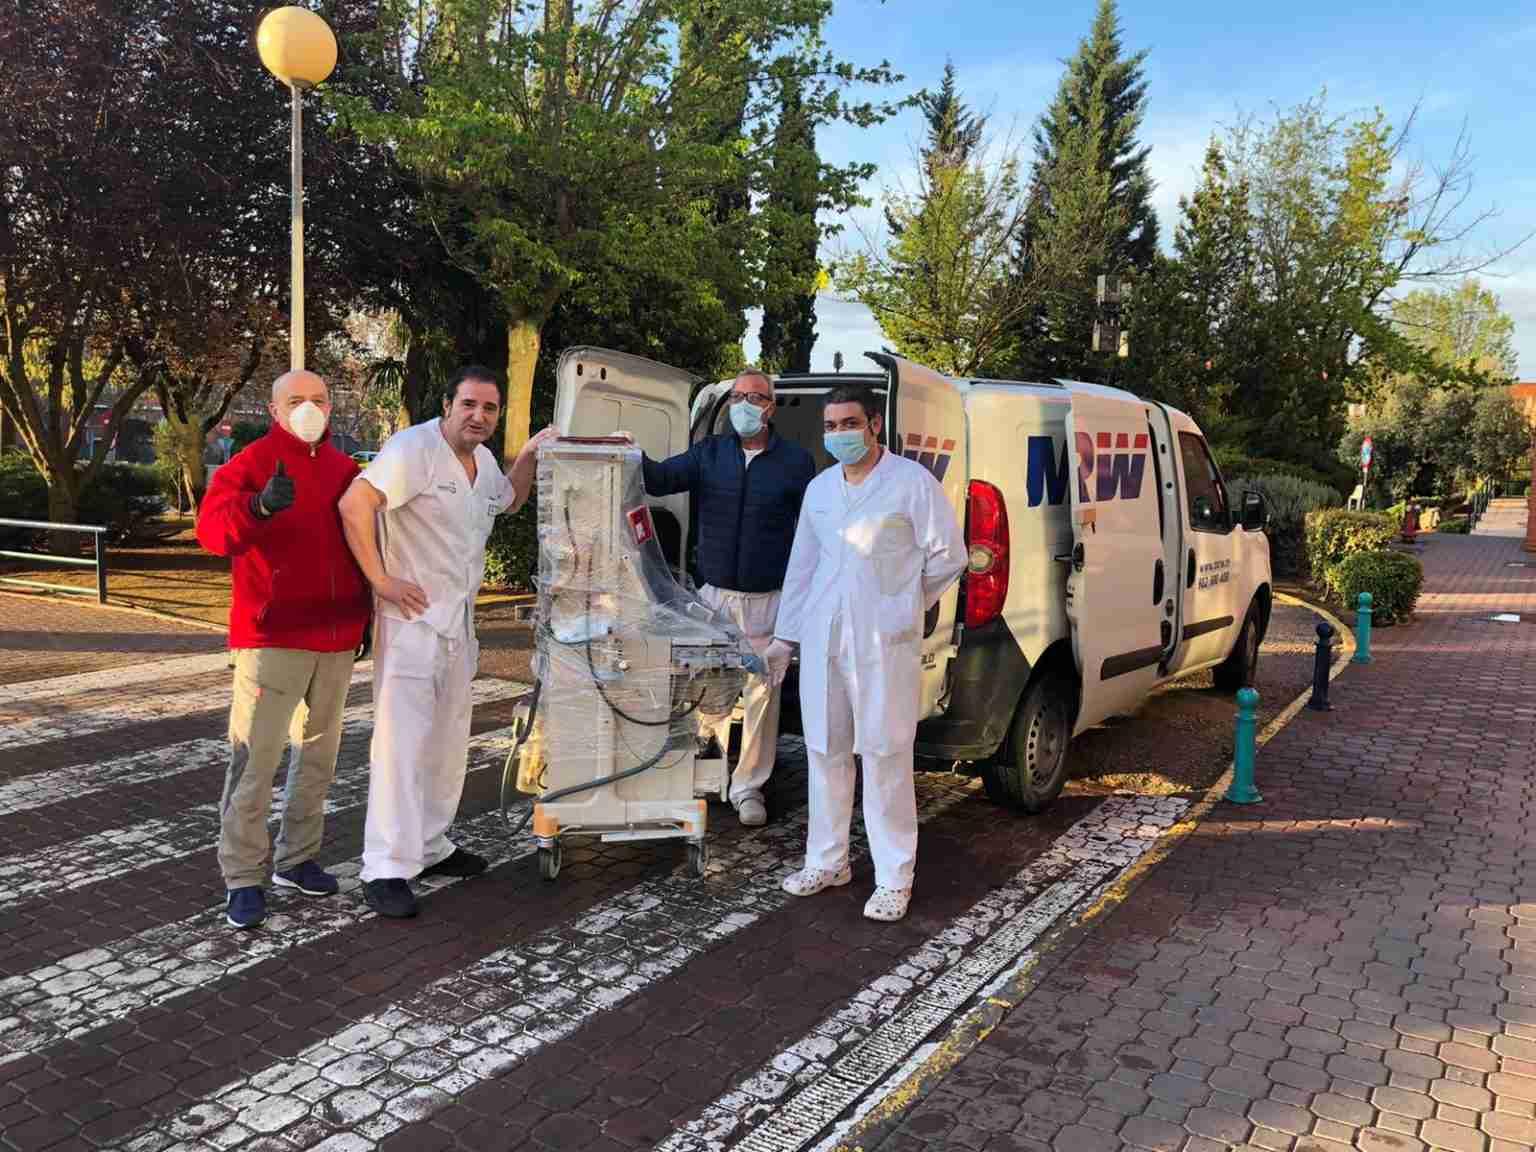 Los hospitales de Castilla-La Mancha cuentan con un total de 390 respiradores para atender las necesidades de los pacientes 3